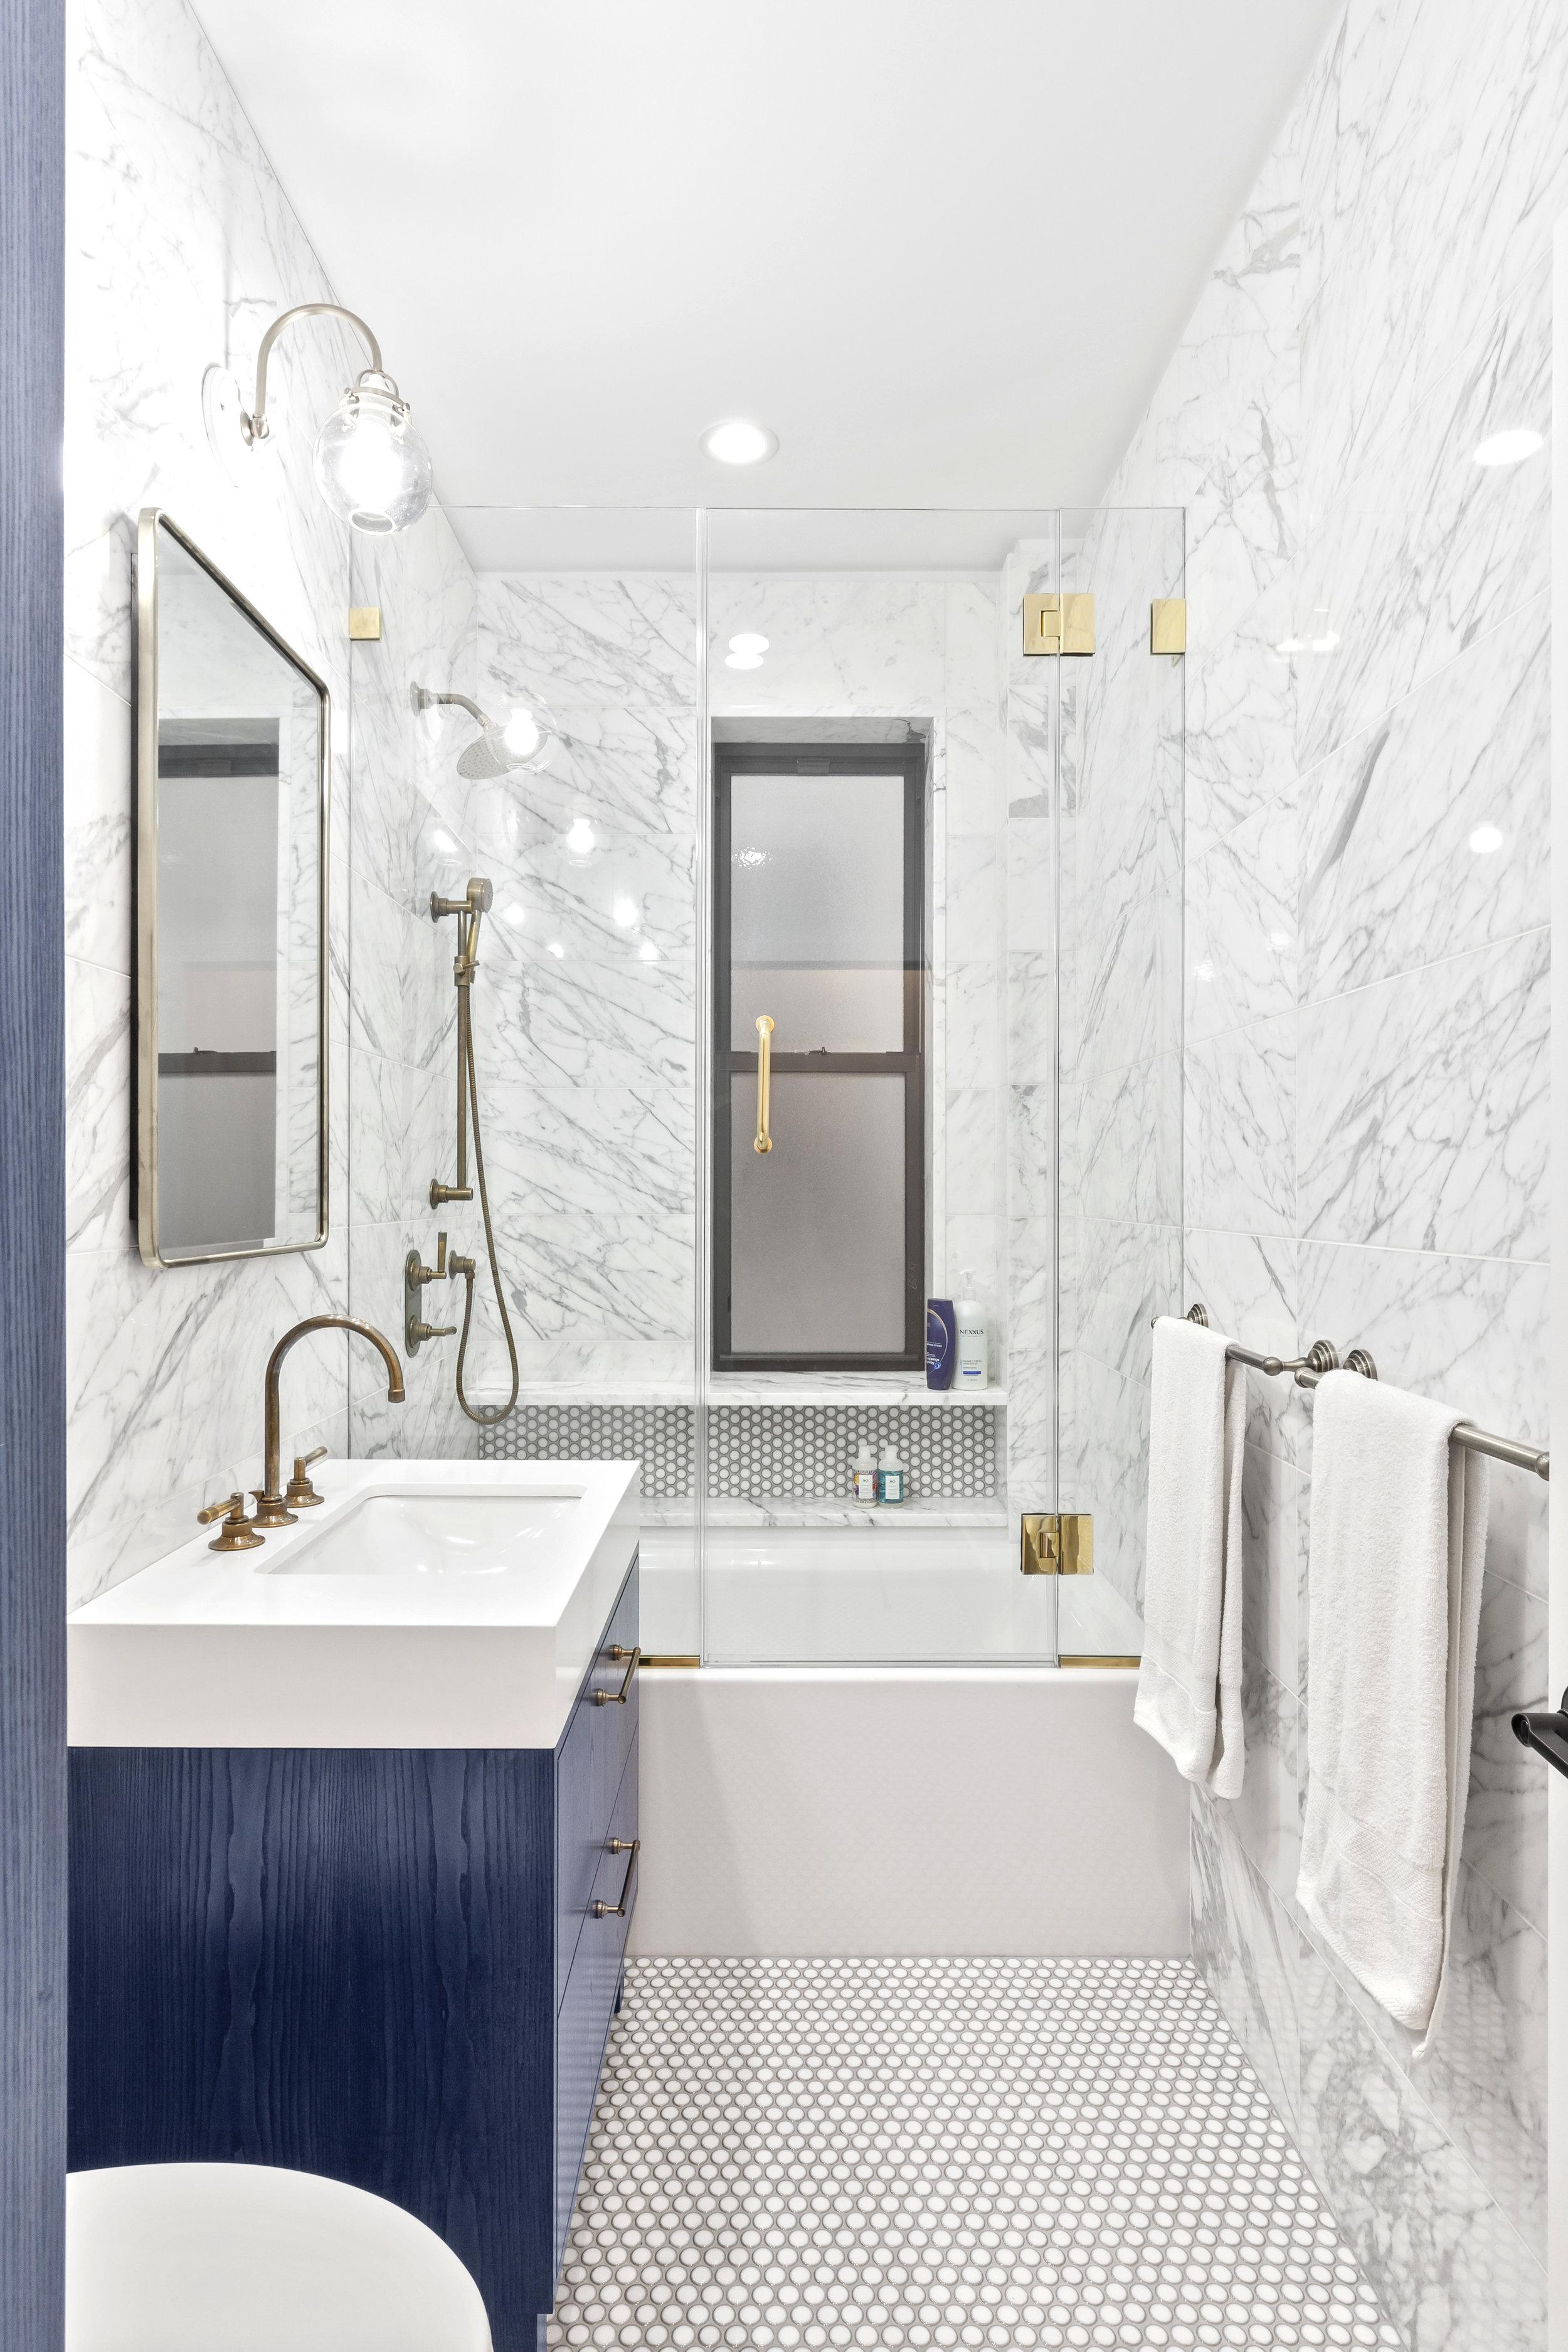 A bathroom by Sweeten.